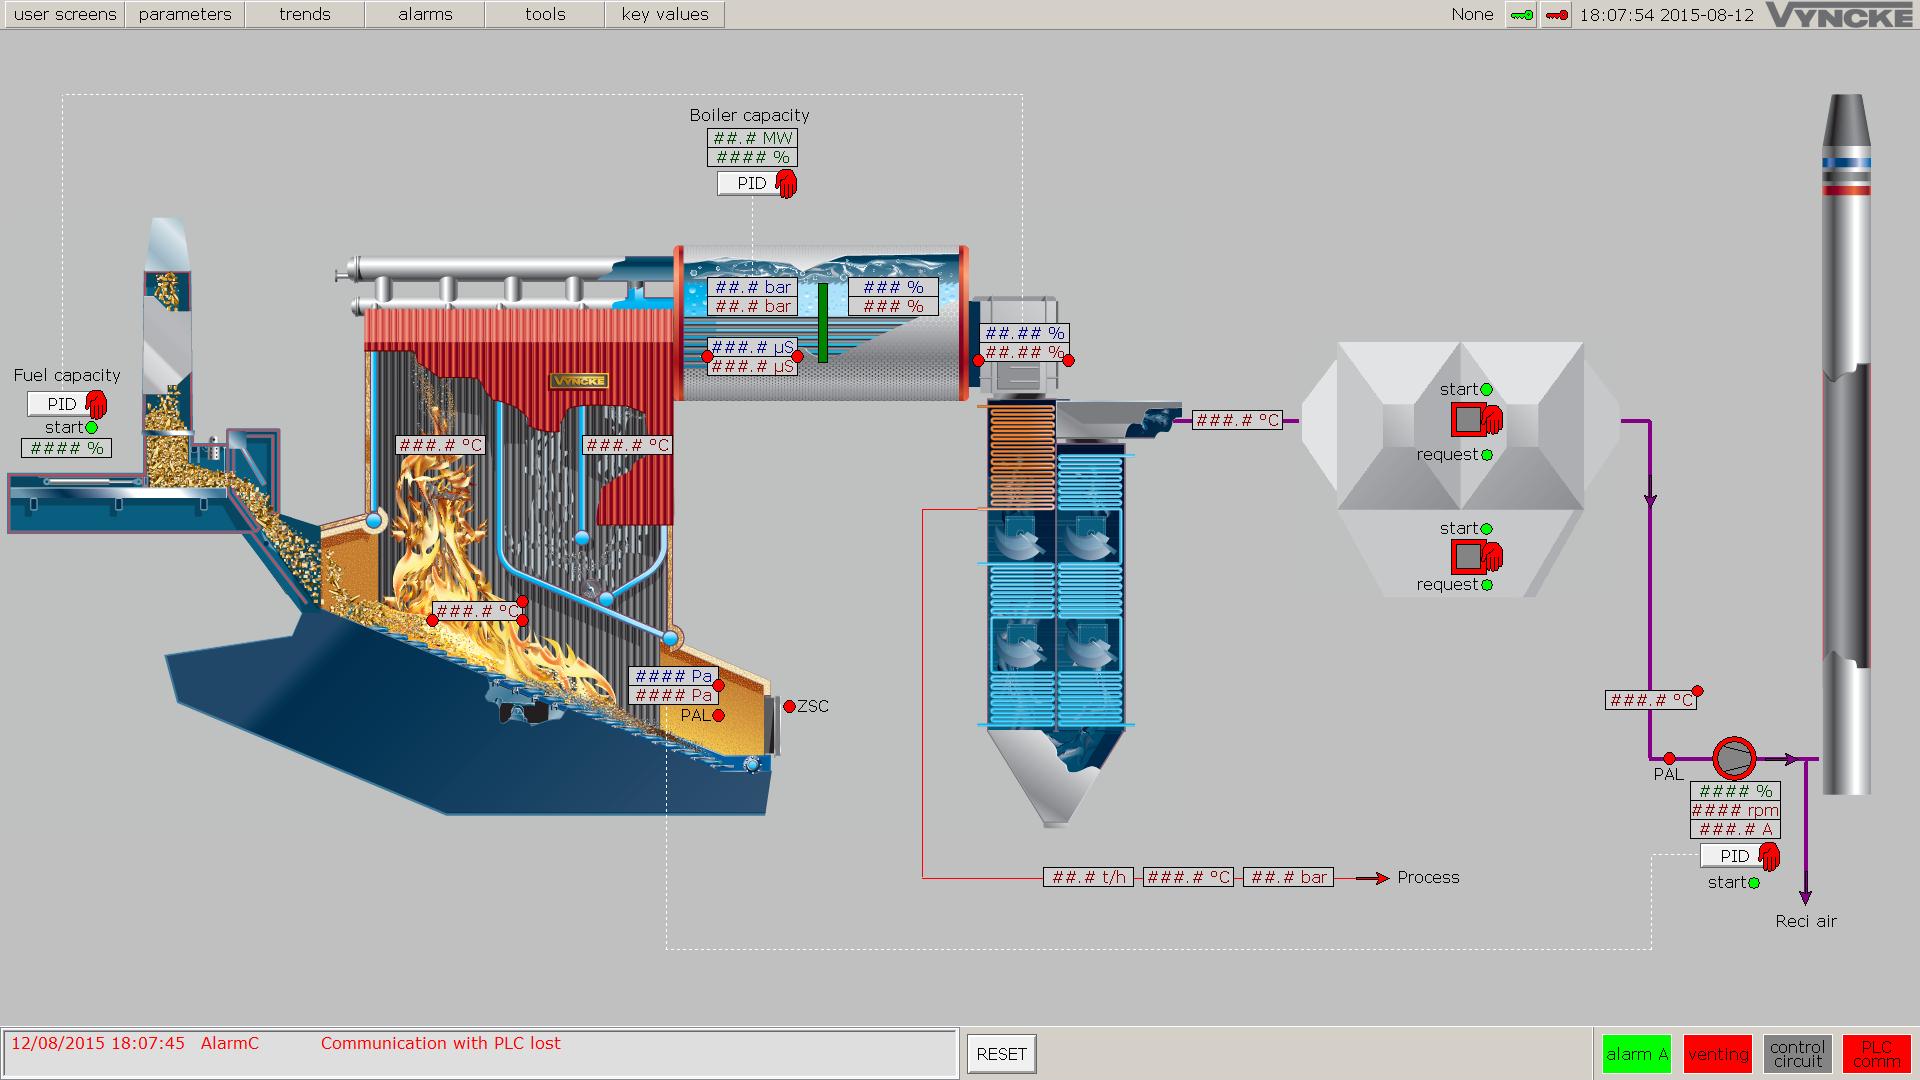 Cała energia cieplną potrzebna do zasilania suszarni i prasy głównej powstanie w kotle Vyncke typ JNO o mocy 13,4 MW. Fot. Steico